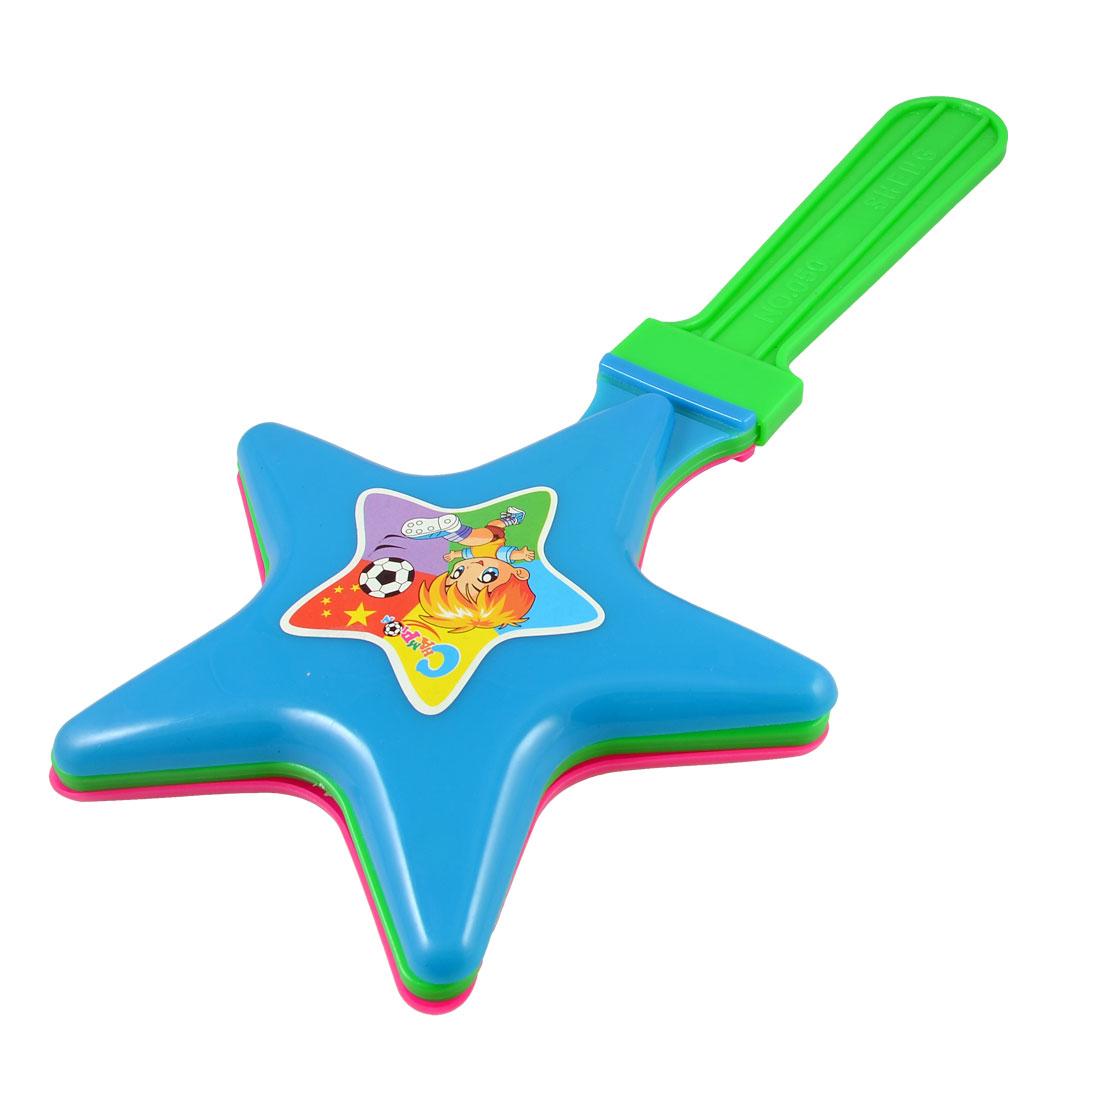 """Green Fuchsia Plastic Star Pentagram Hand Clapper Noise Maker 13.3"""" Long"""